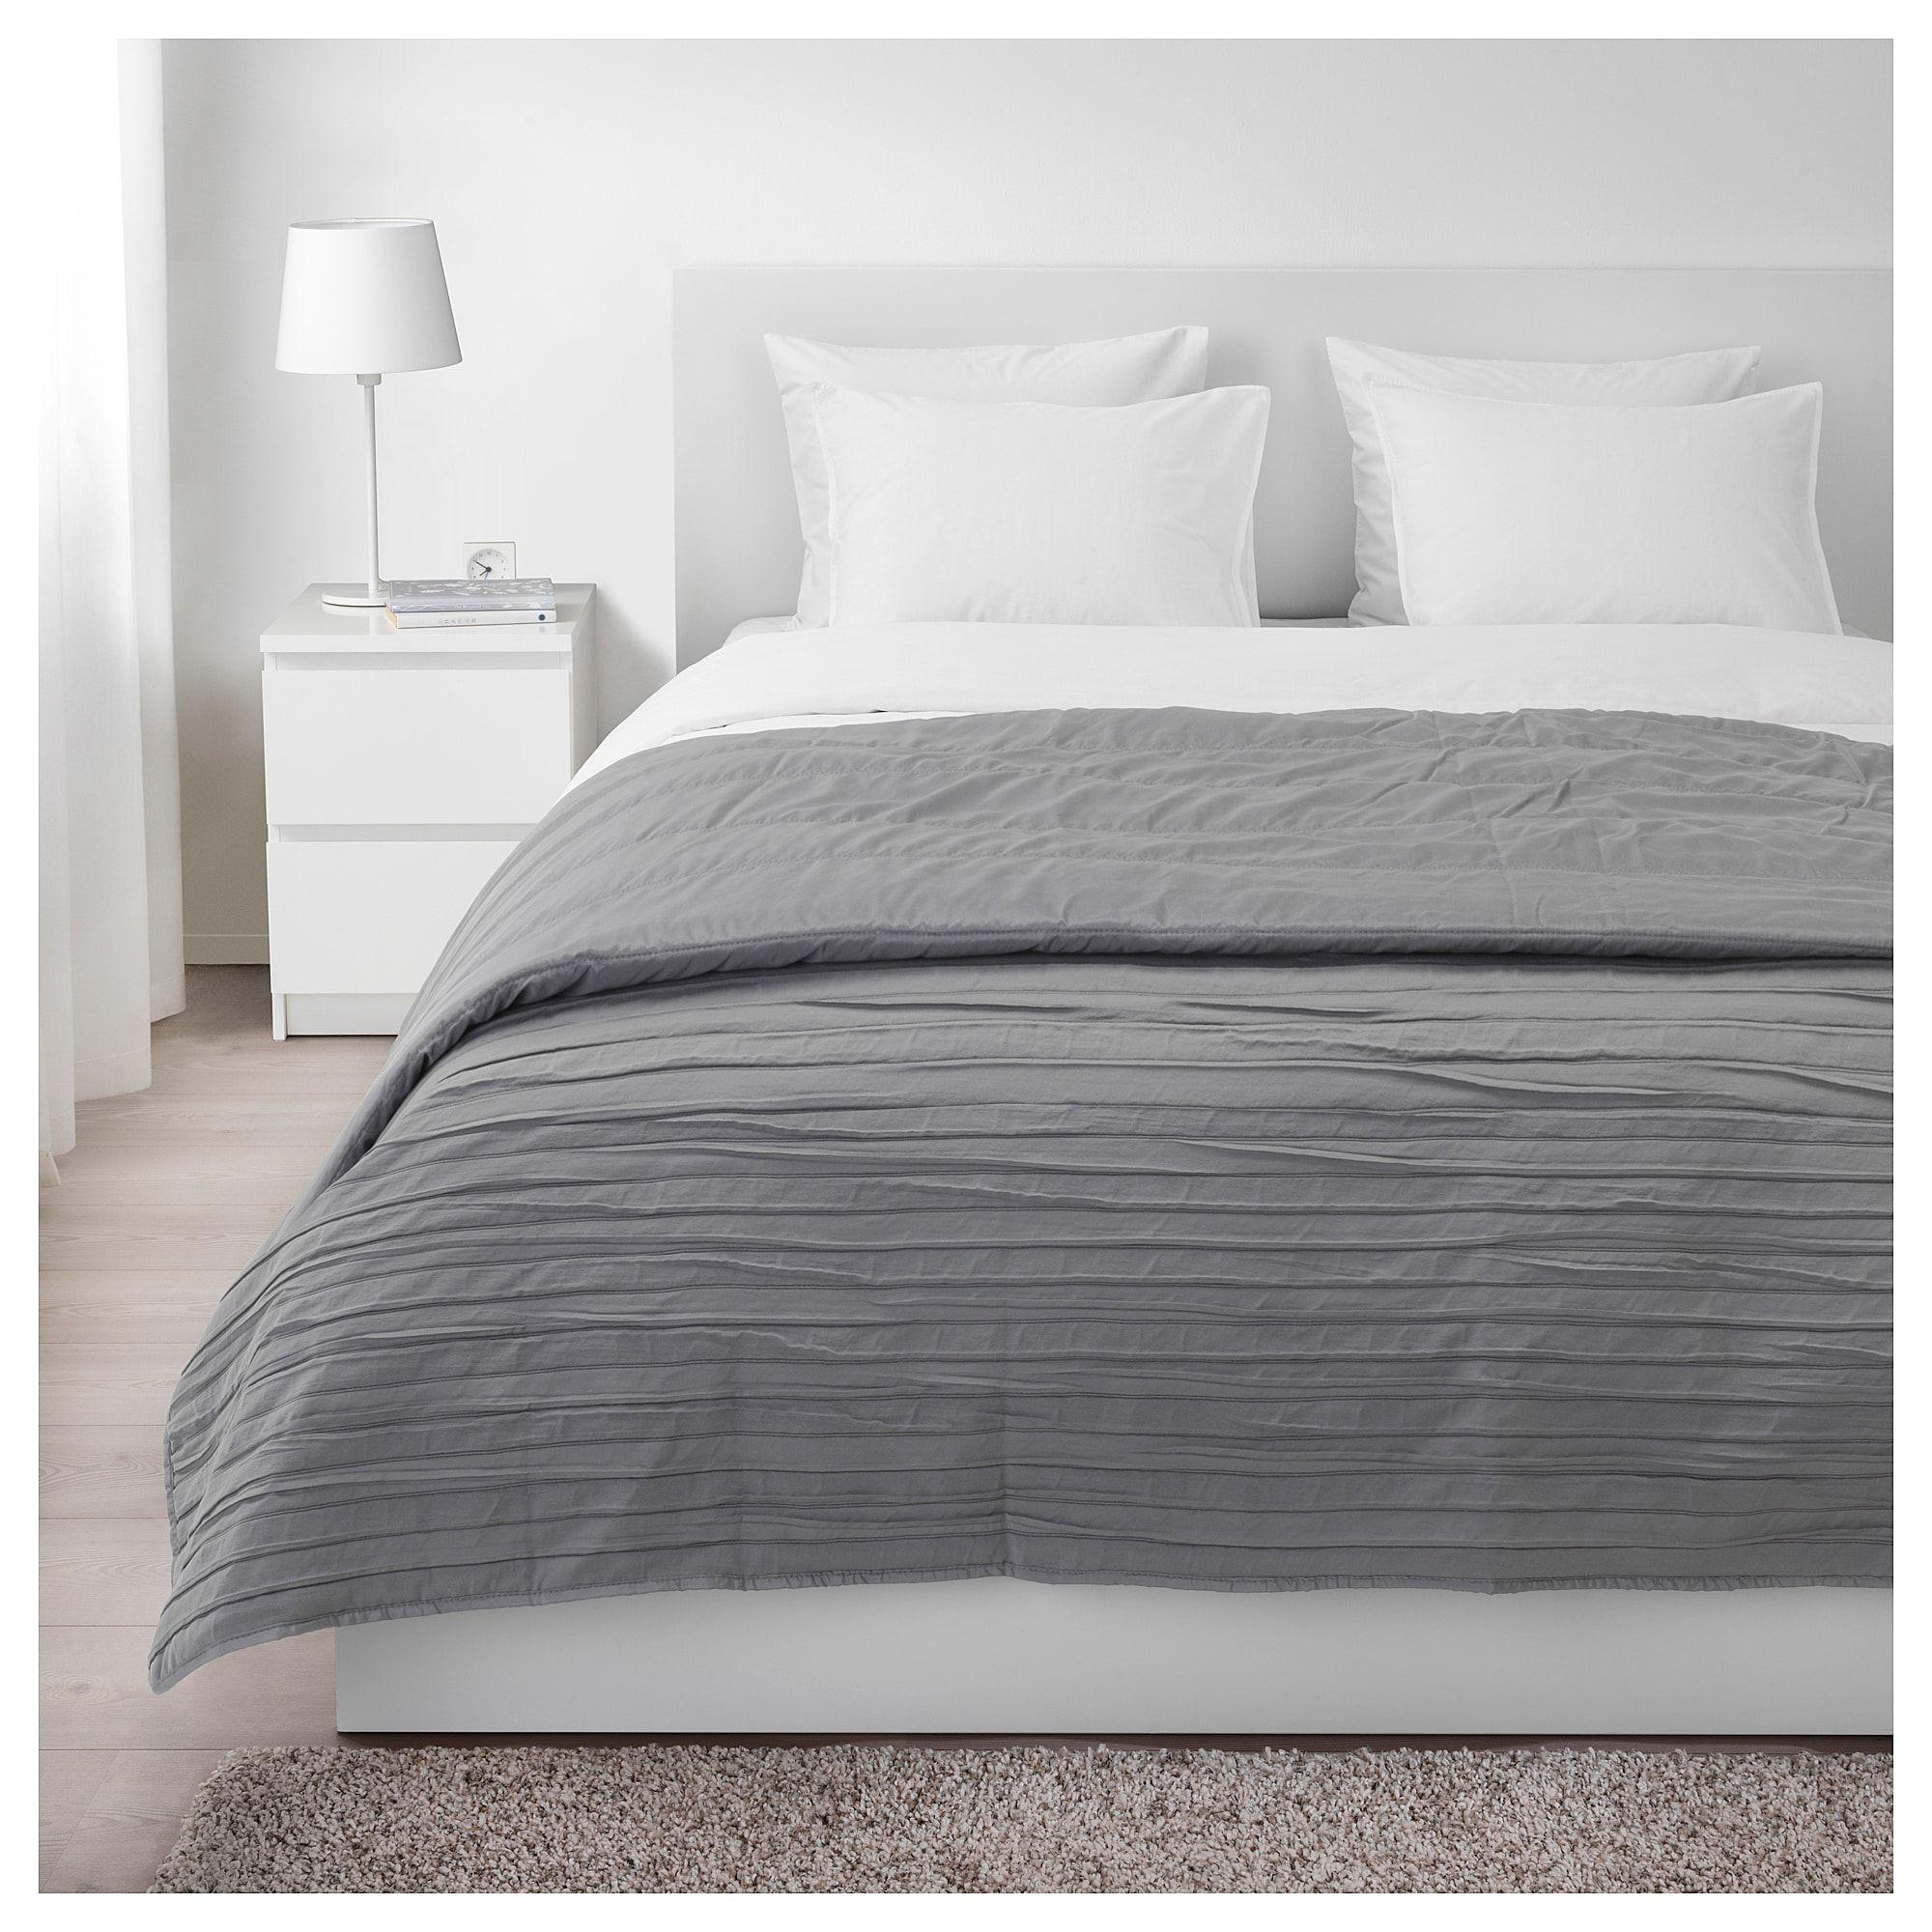 Veketag Tagesdecke Grau Ikea Osterreich Tagesdecke Grau Tagesdecke Bettgrossen